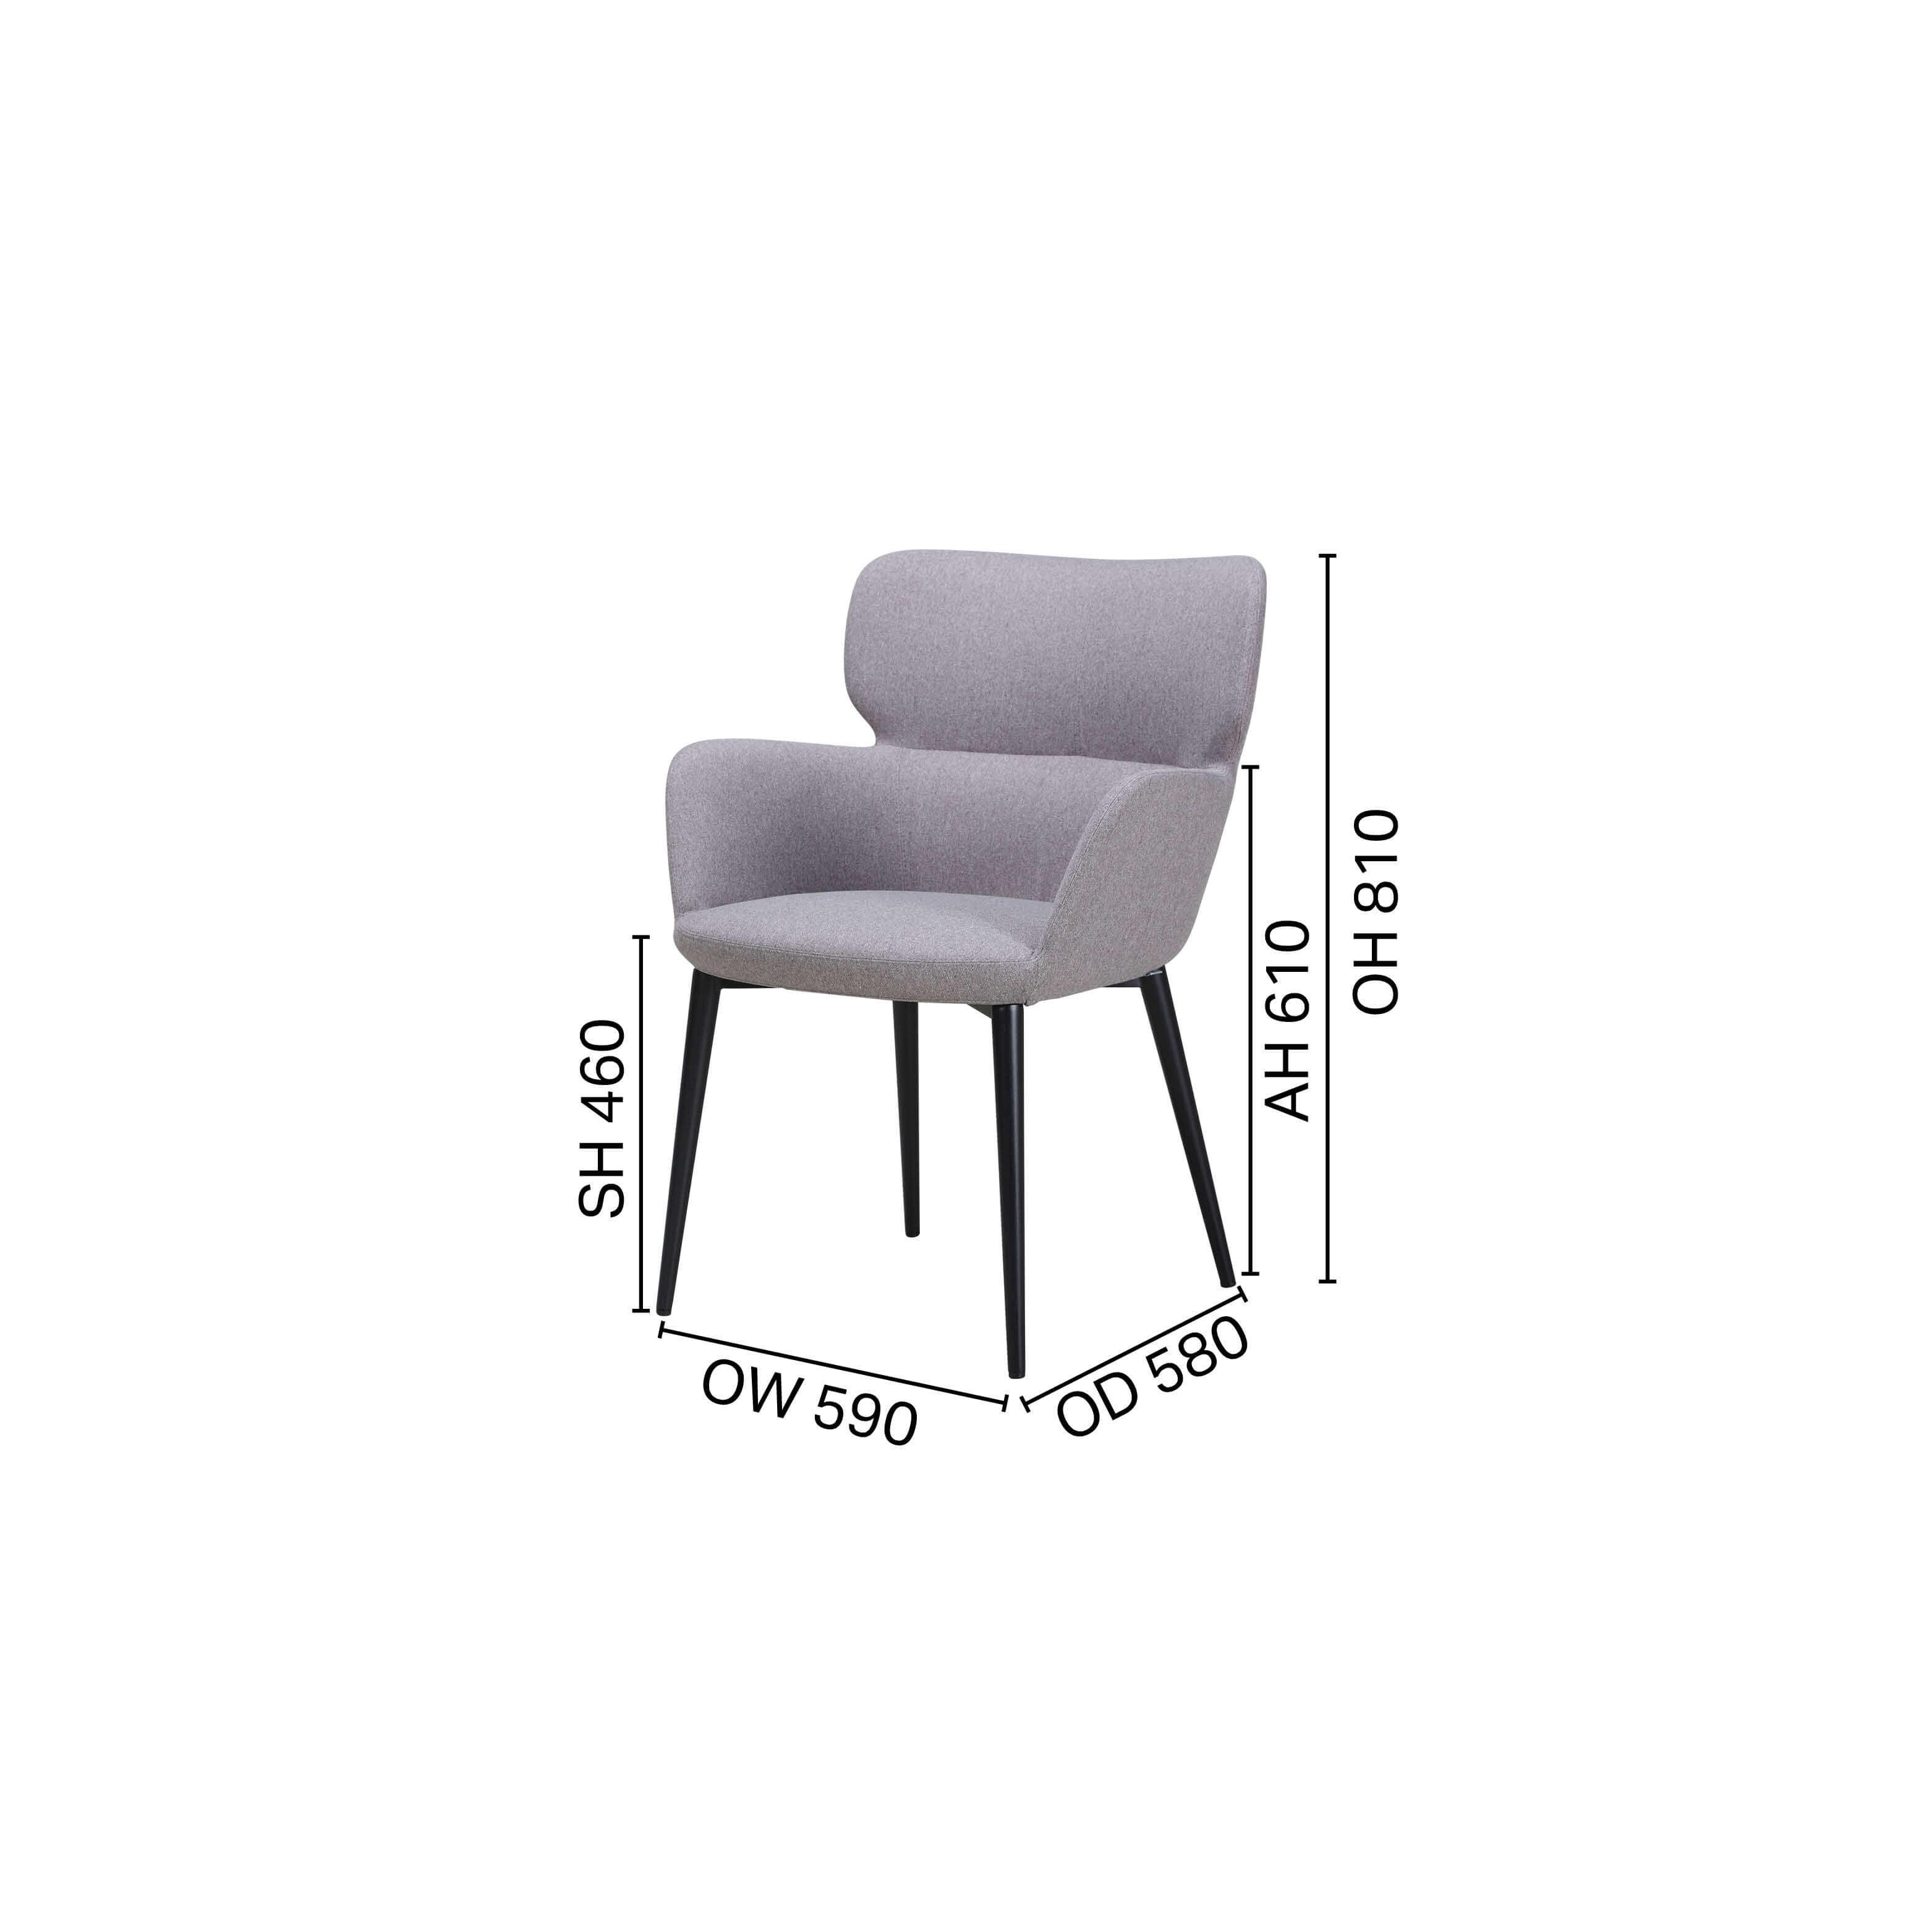 Diva Arm chair - 4 Legged